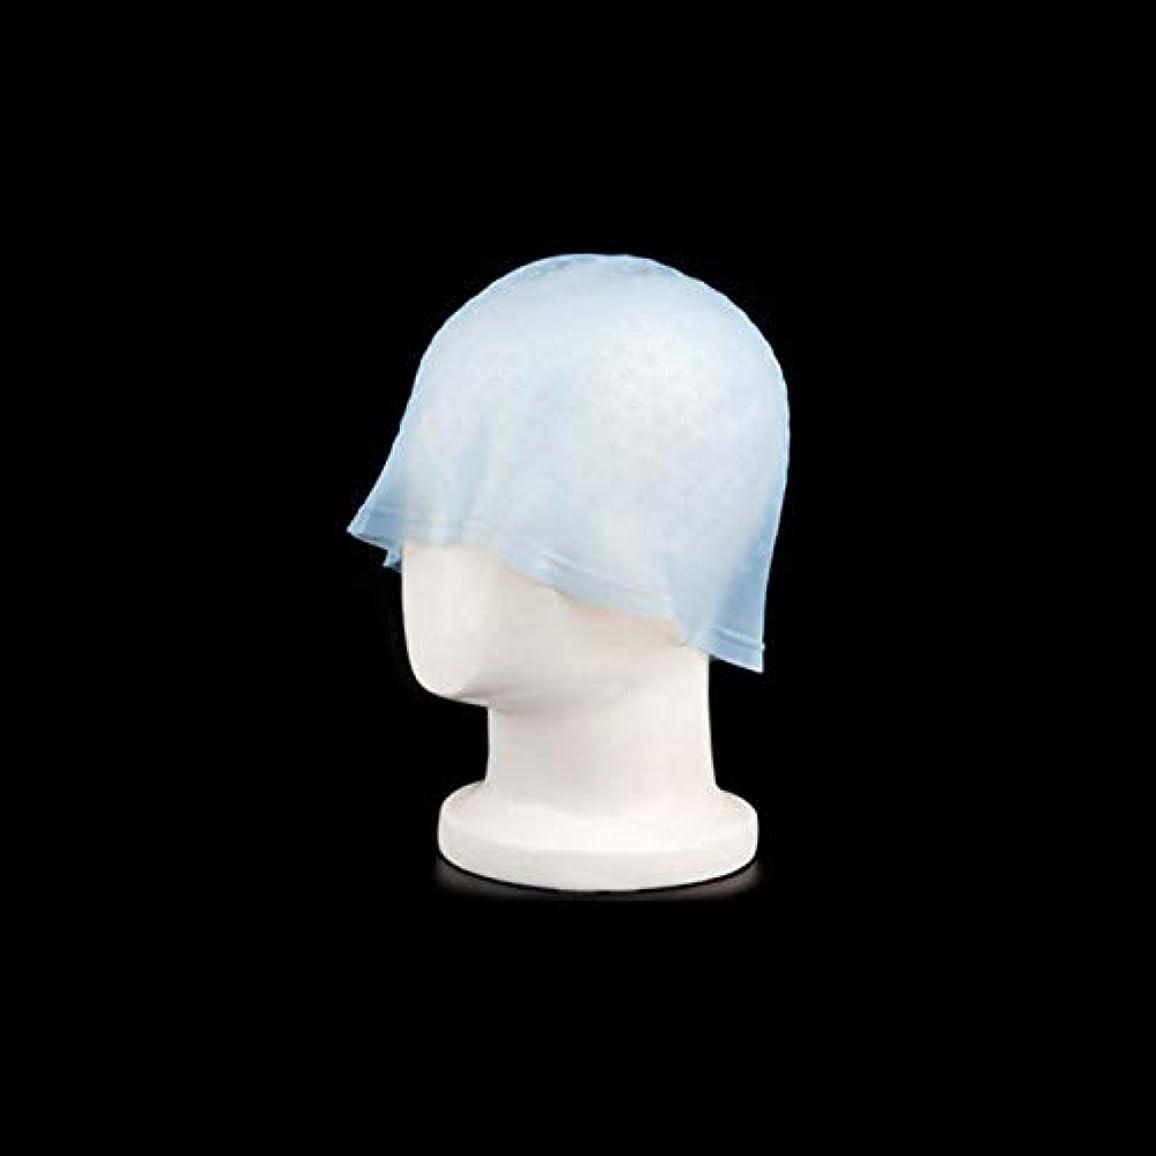 はねかけるクーポンロッカーDOMO カラーダイキャップ 染毛キャップ エコ サロン ヘア染めツール 再利用可能 染色用 ハイライト 髪染め工具